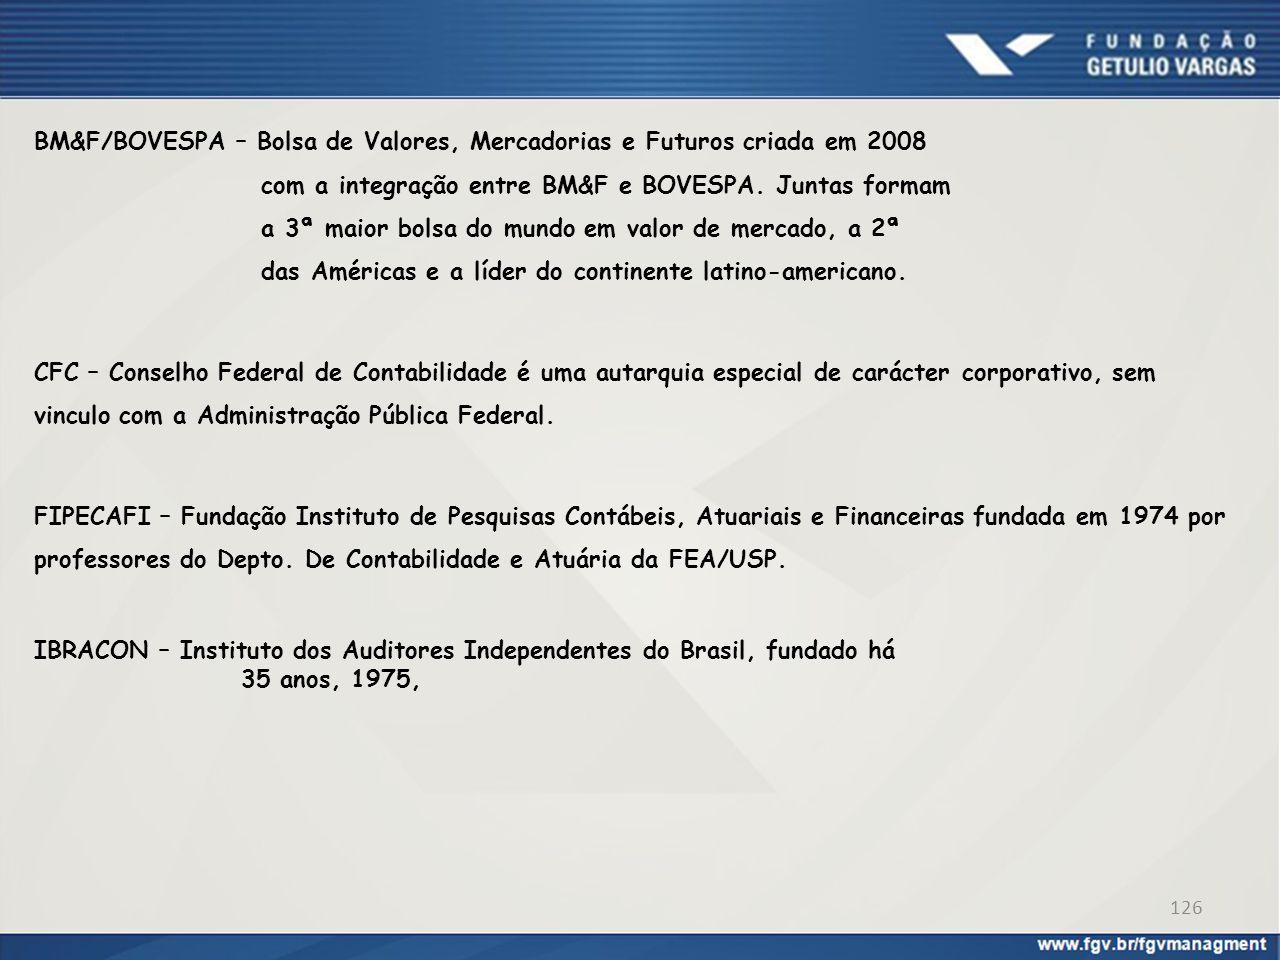 BM&F/BOVESPA – Bolsa de Valores, Mercadorias e Futuros criada em 2008